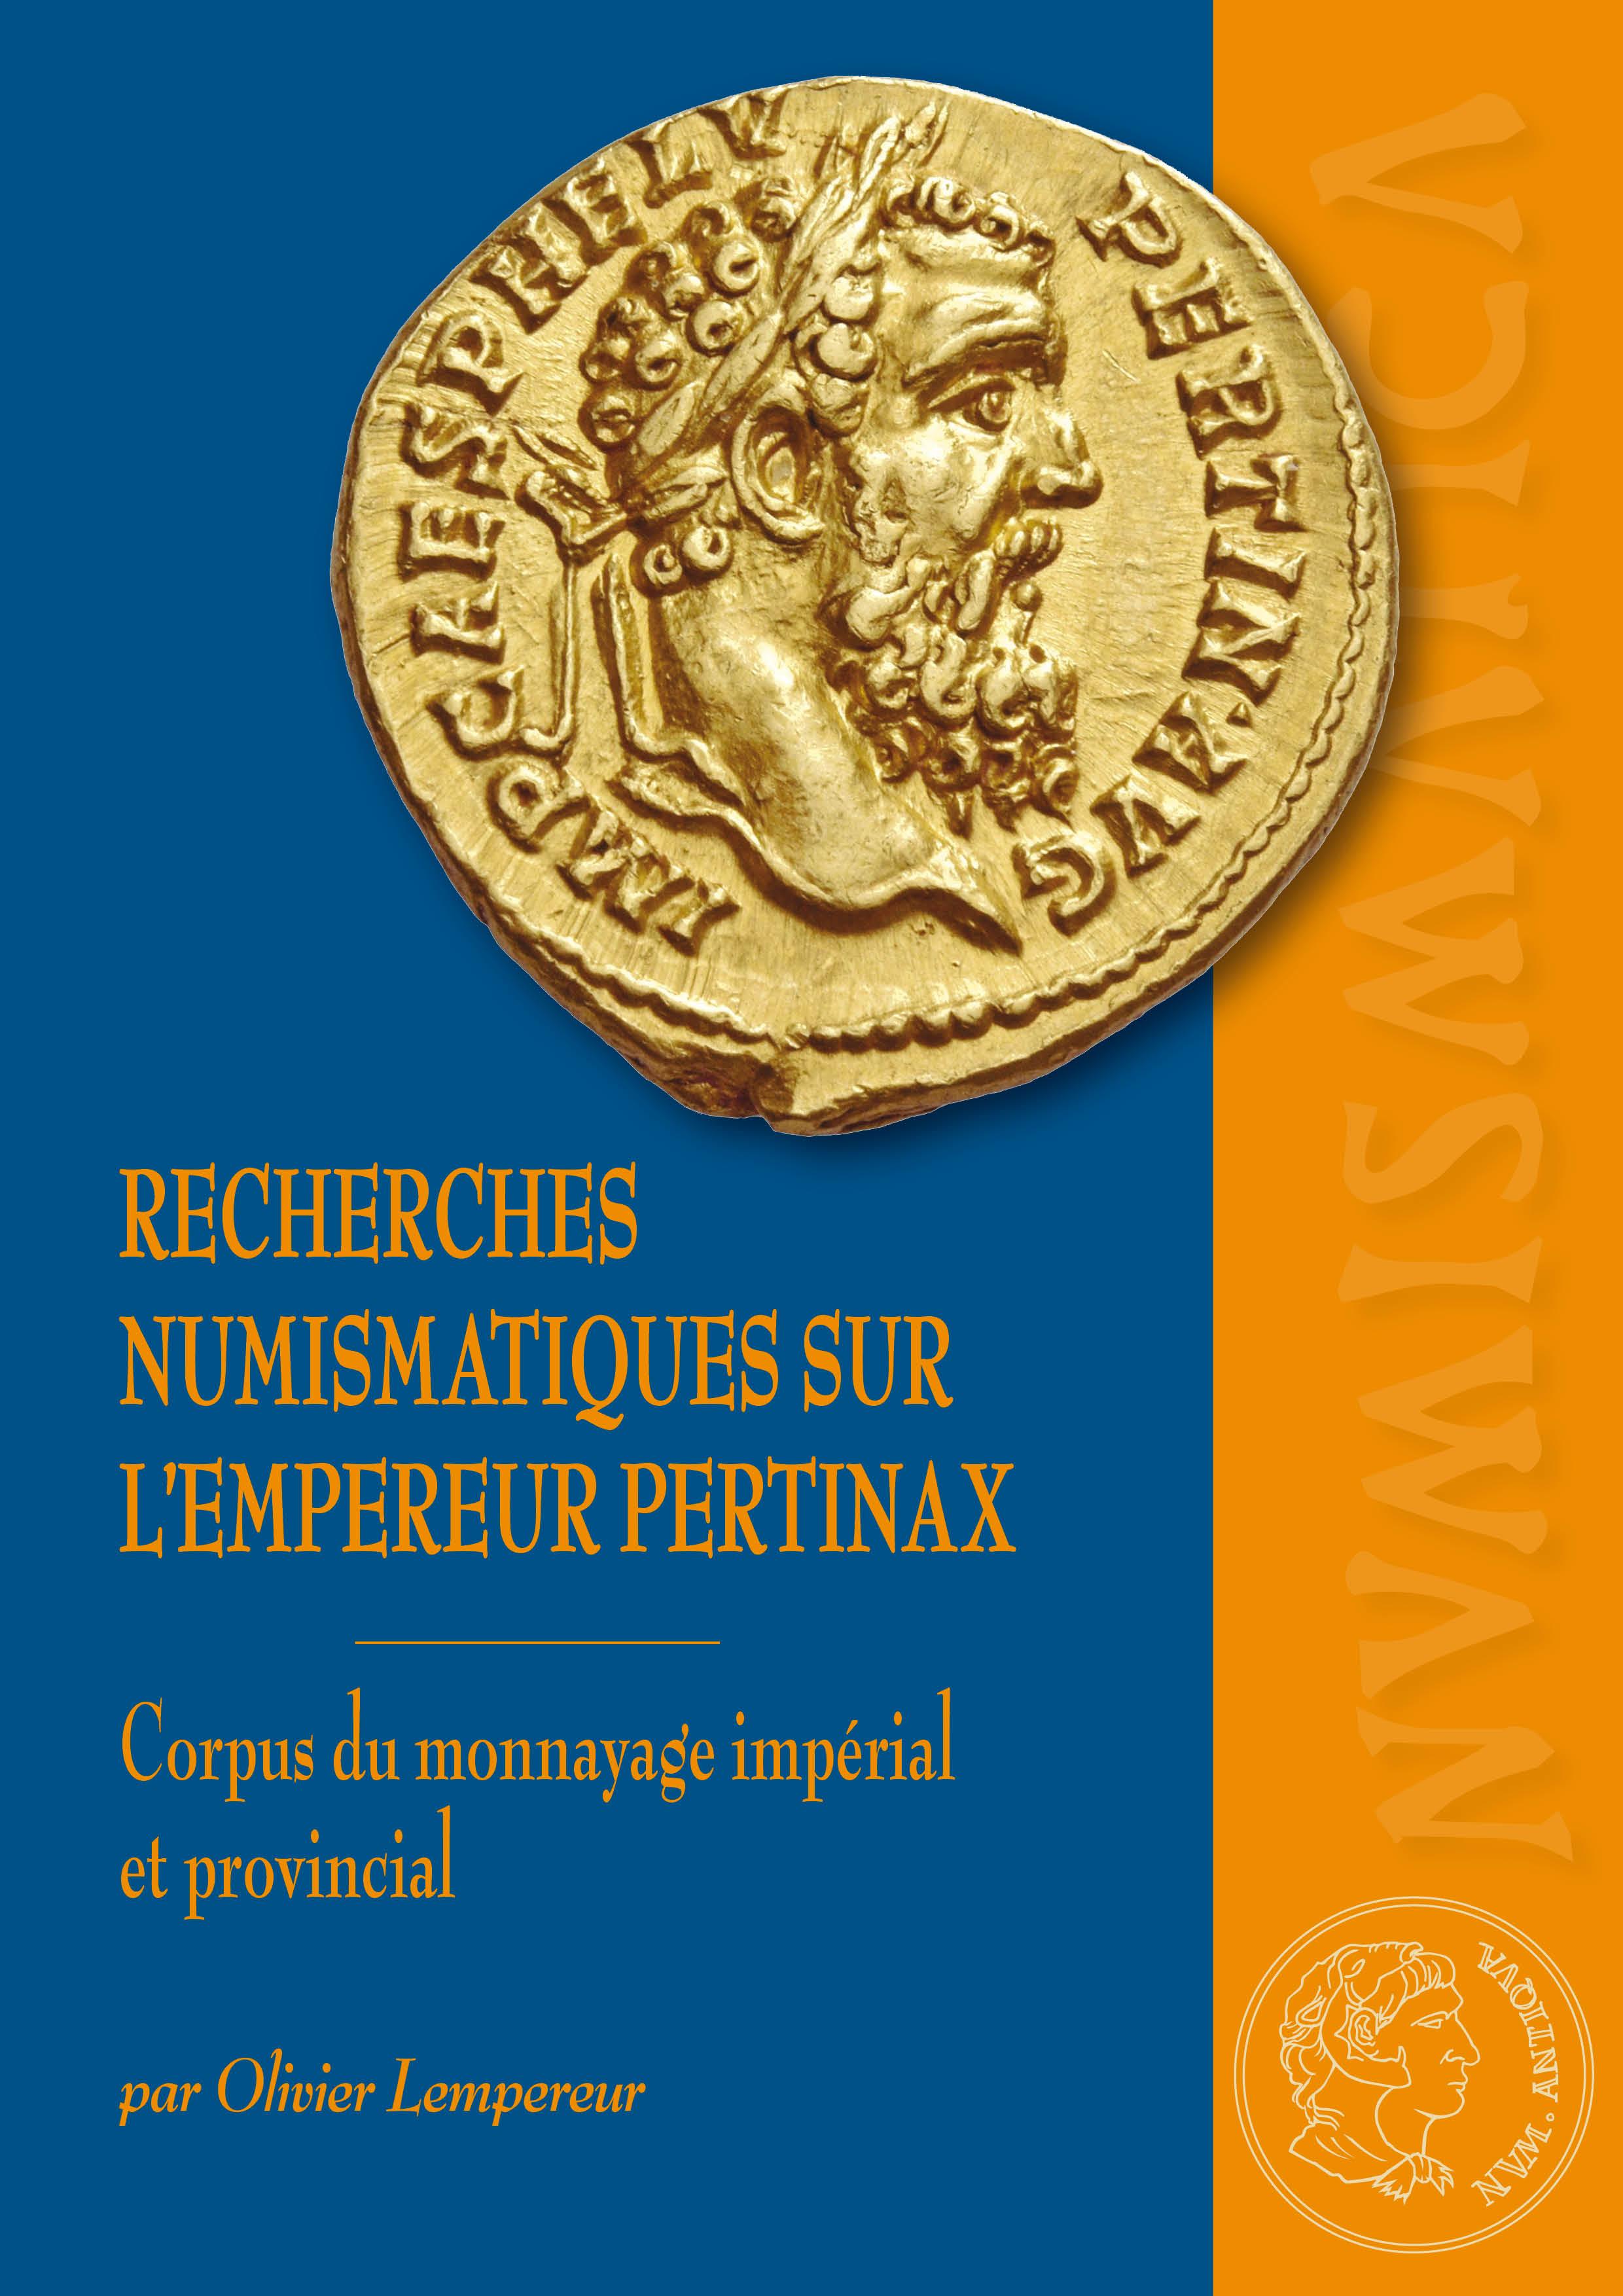 66877a3d1cca05 Le Serapeum de Carthage Jean-Pierre Laporte, Laurent Bricault Collection  Bibliotheca Isiaca Suppl. (1) Bordeaux, 2019 40 € (À paraître)